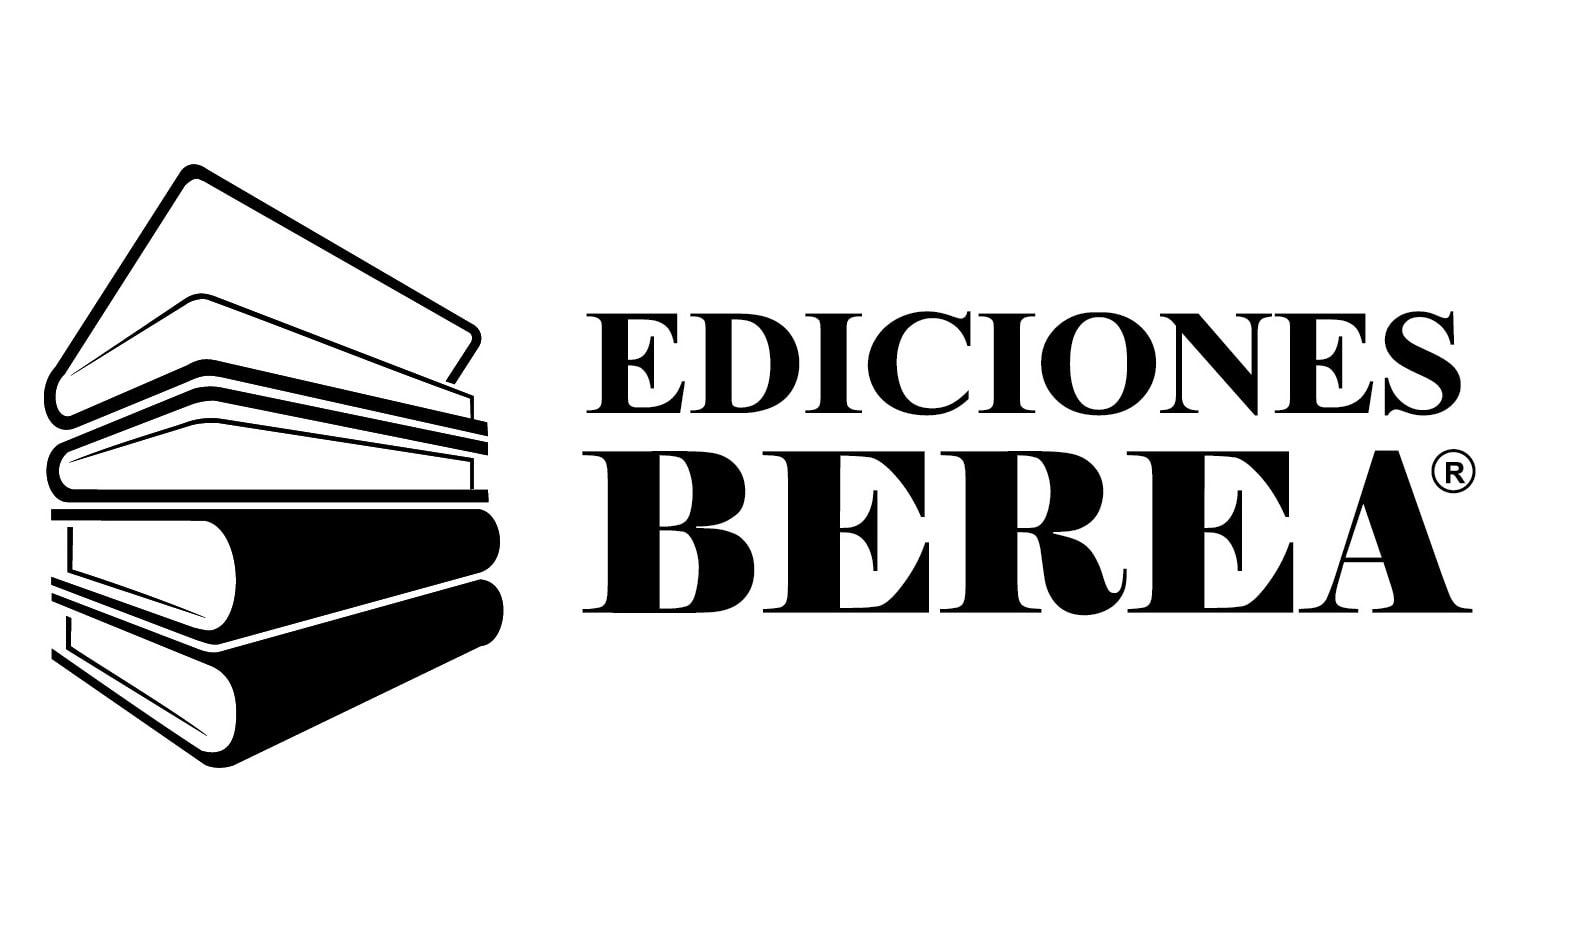 Ediciones Berea